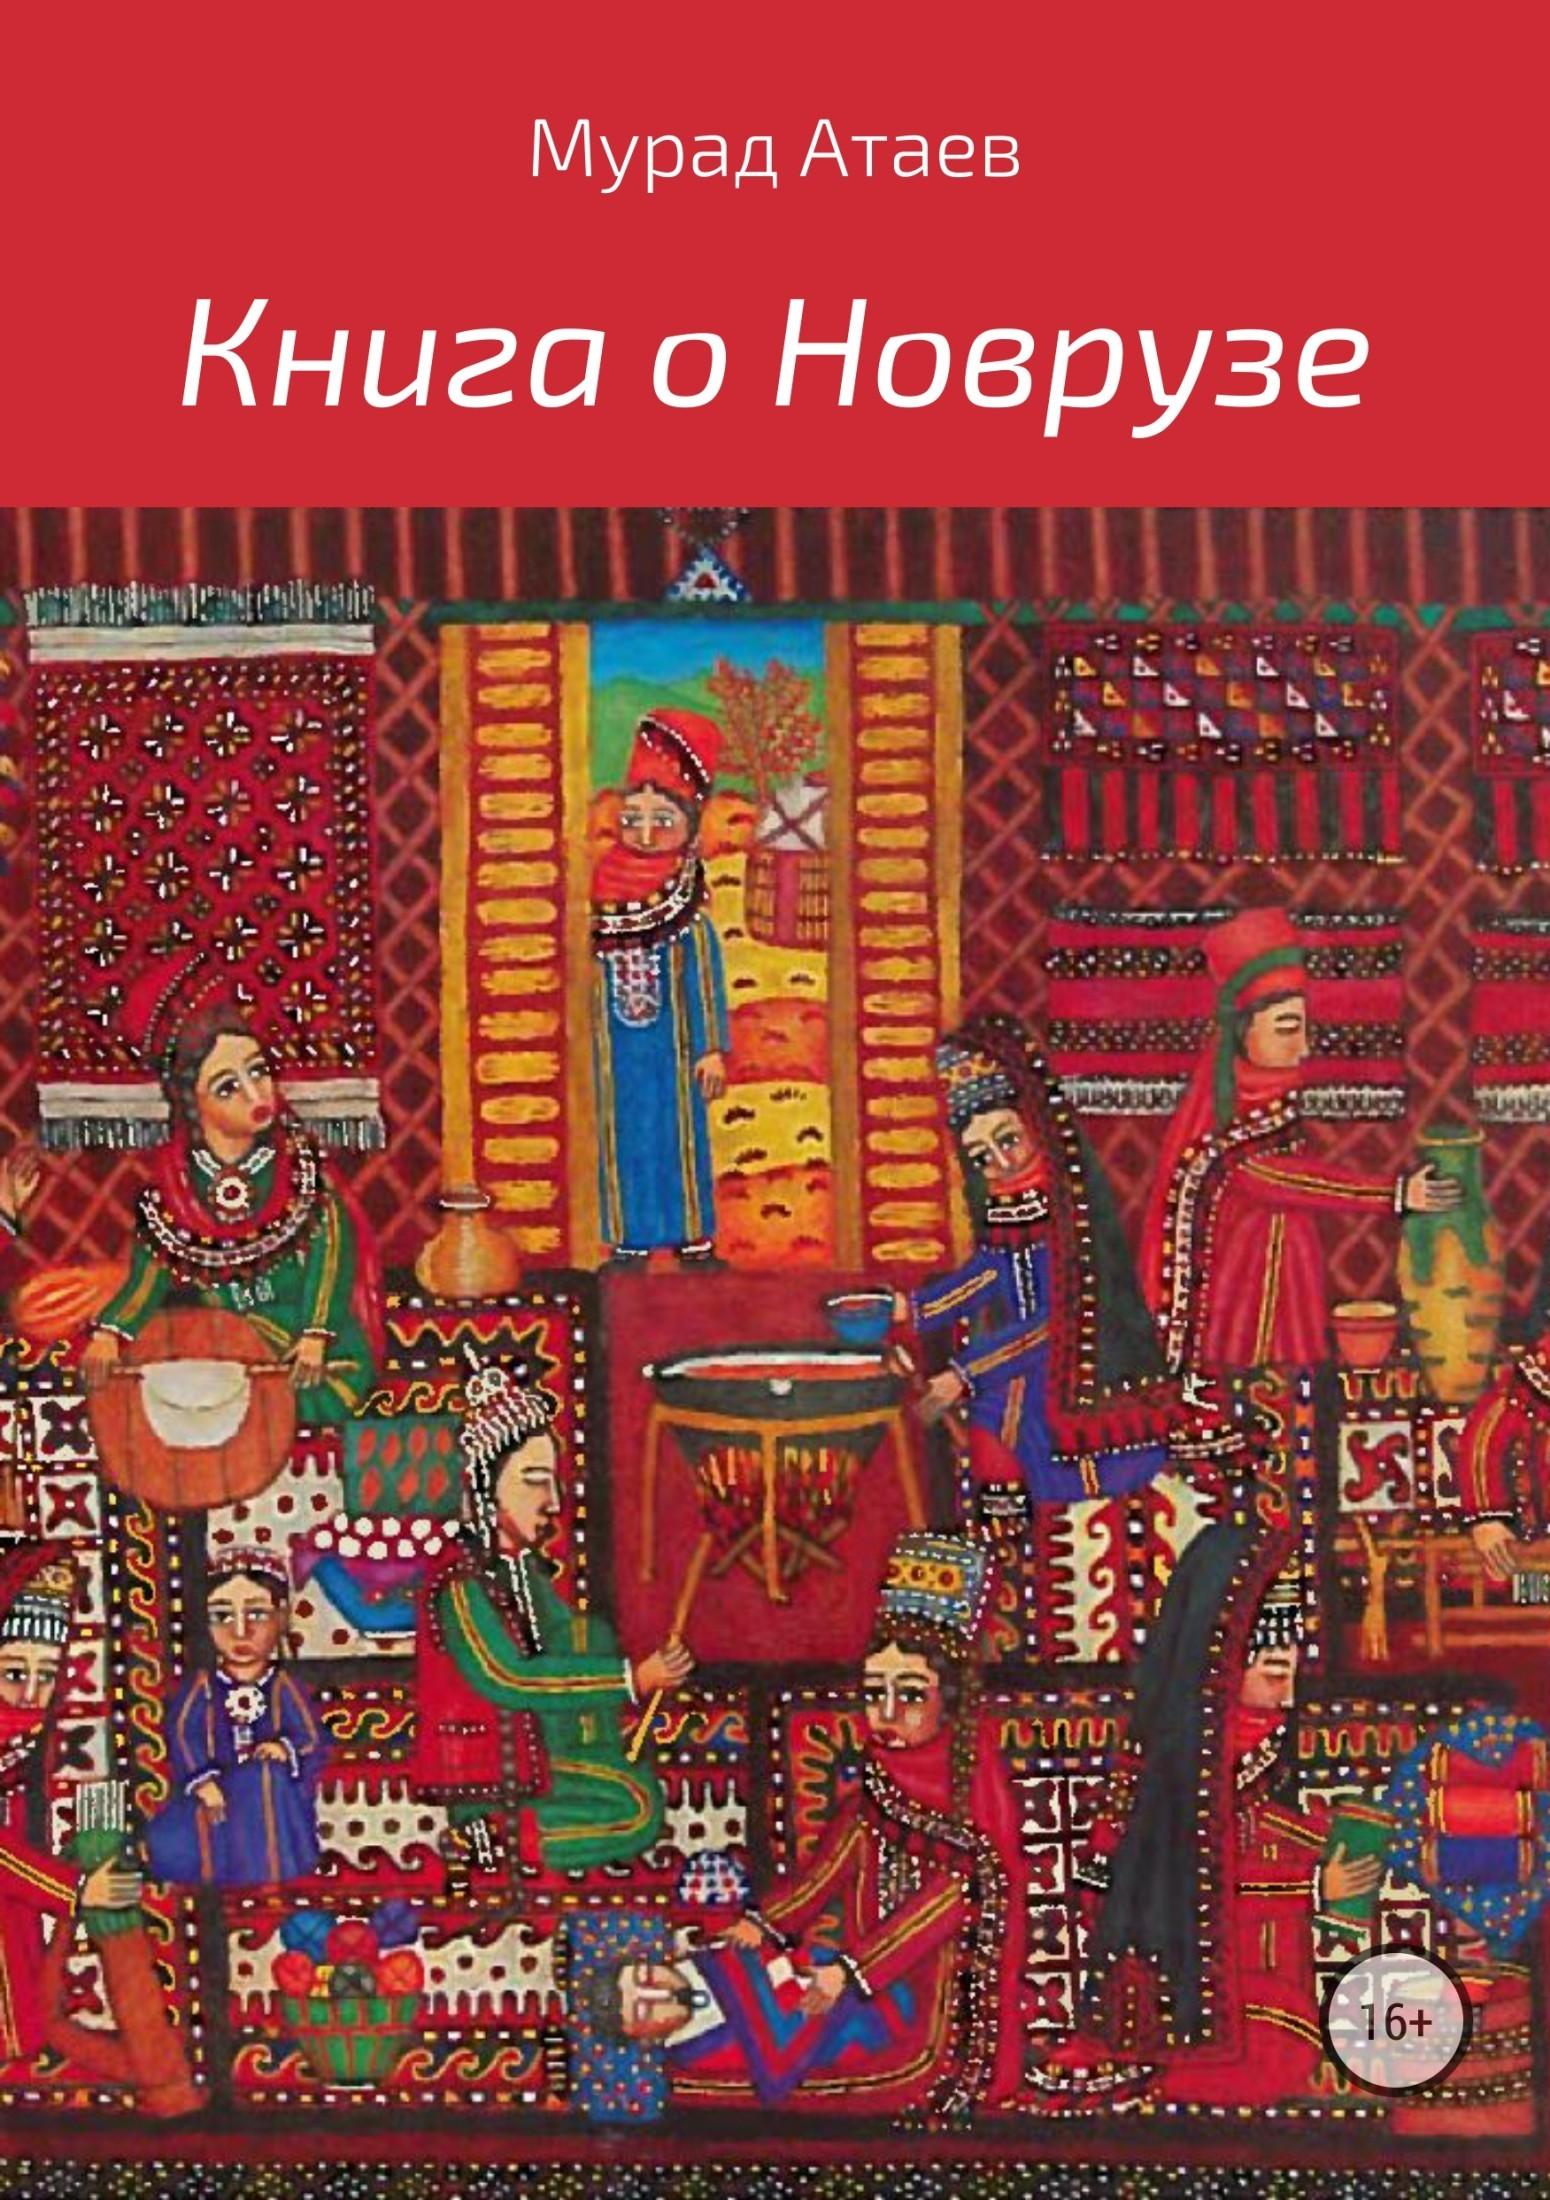 Мурад Атаев Книга о Новрузе